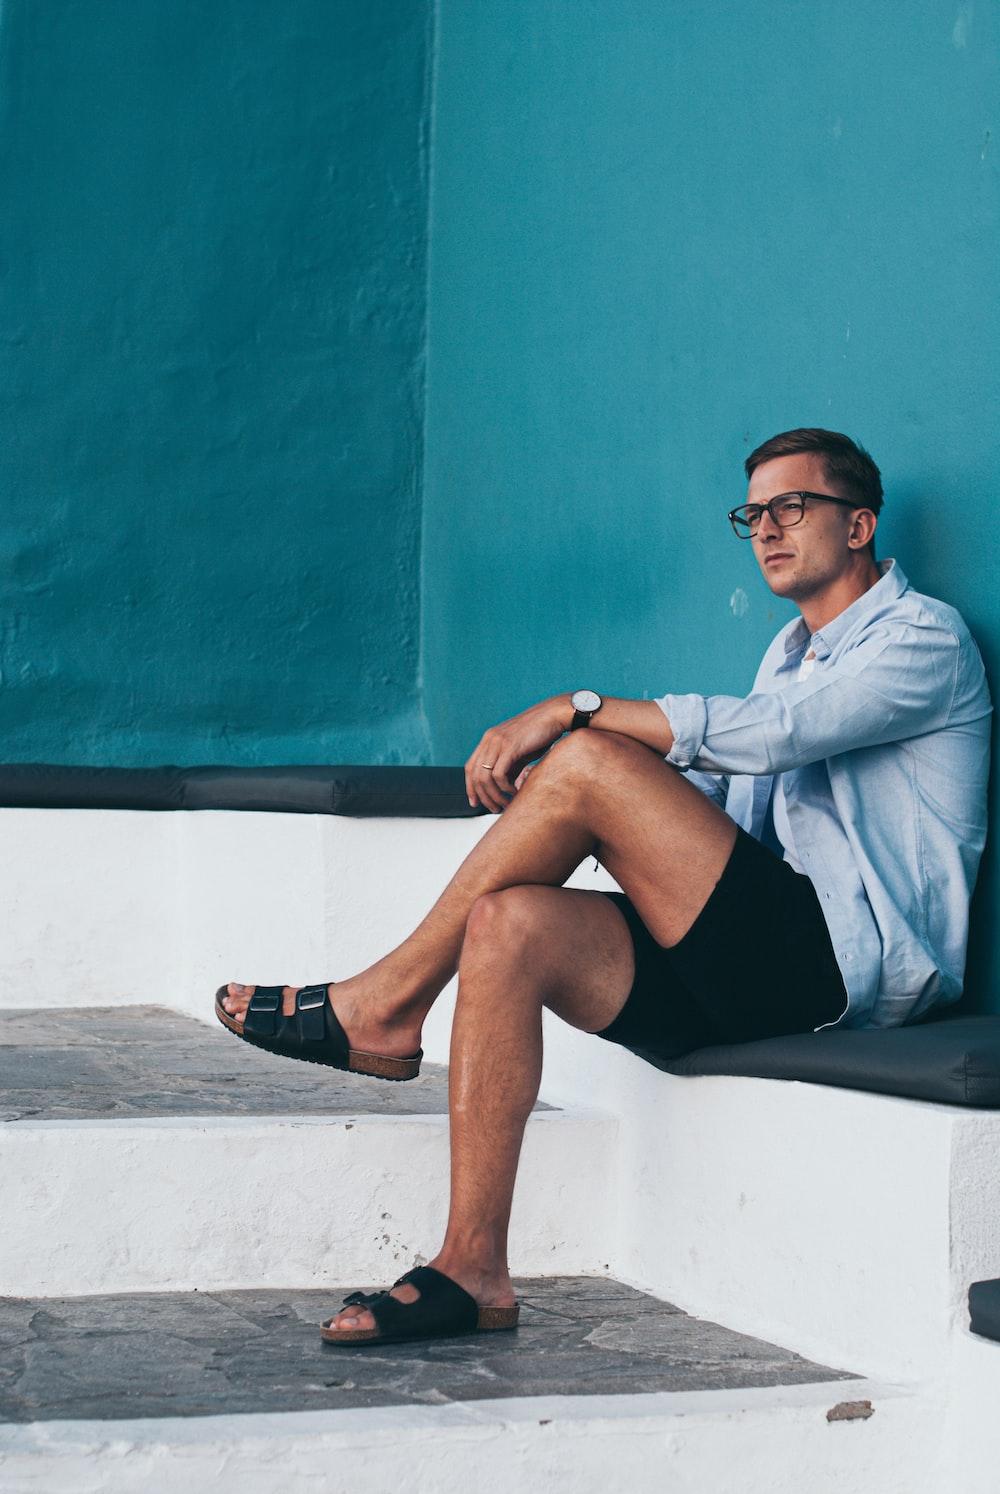 man sitting on white surface